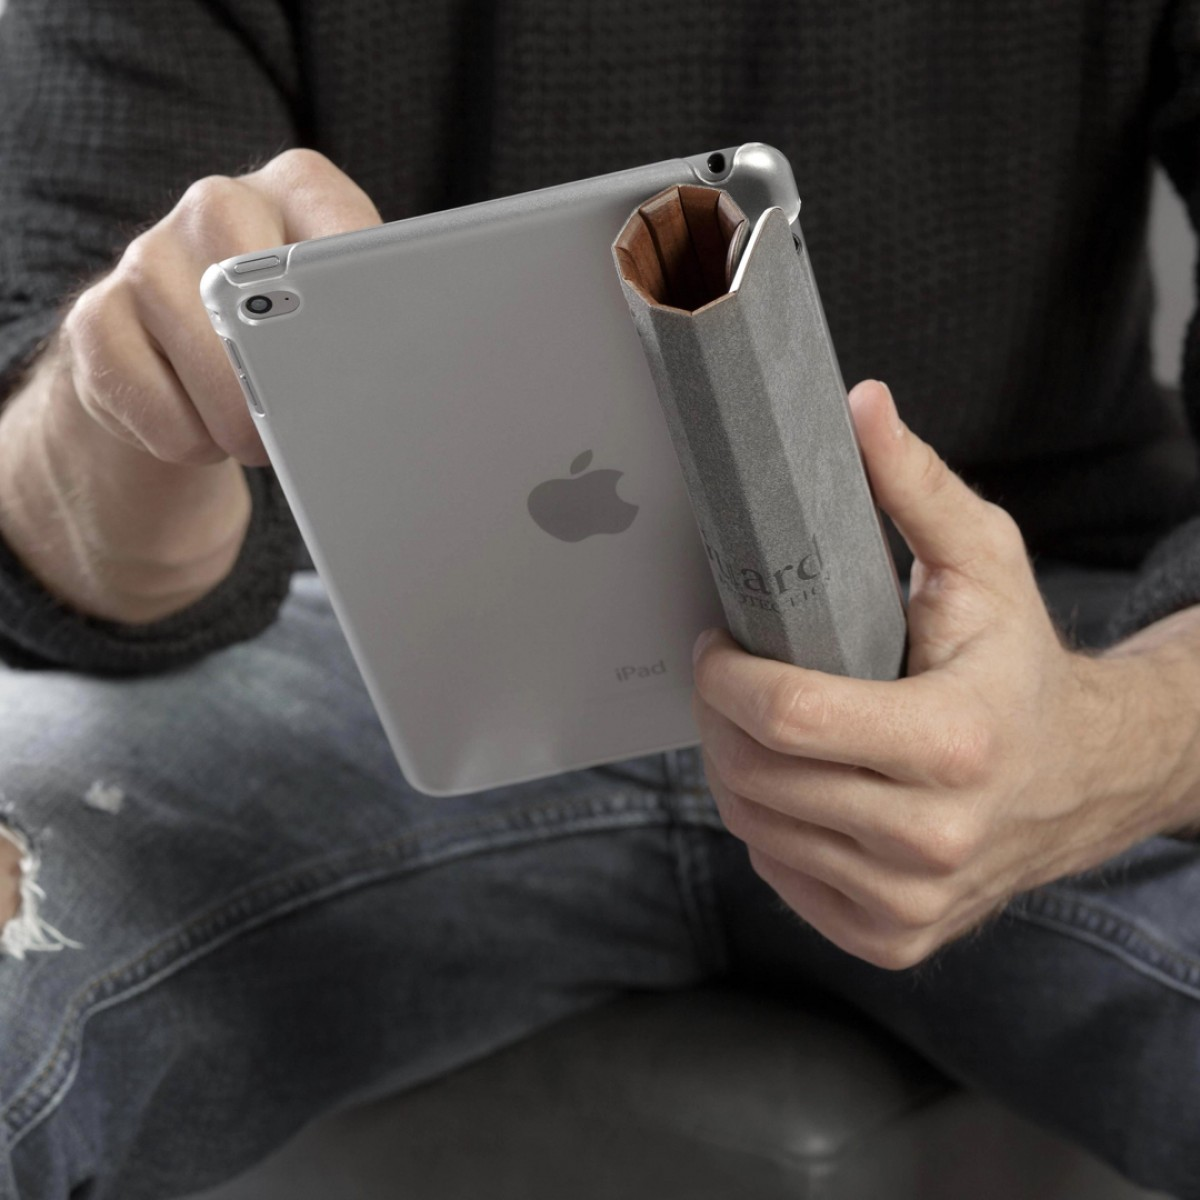 Woodcessories - EcoGuard iPad Case - Premium Design Cover, Hülle für das iPad aus echtem Holz (iPad Pro 9.7, Walnuss oder Kirsche, Hardcover transparent)